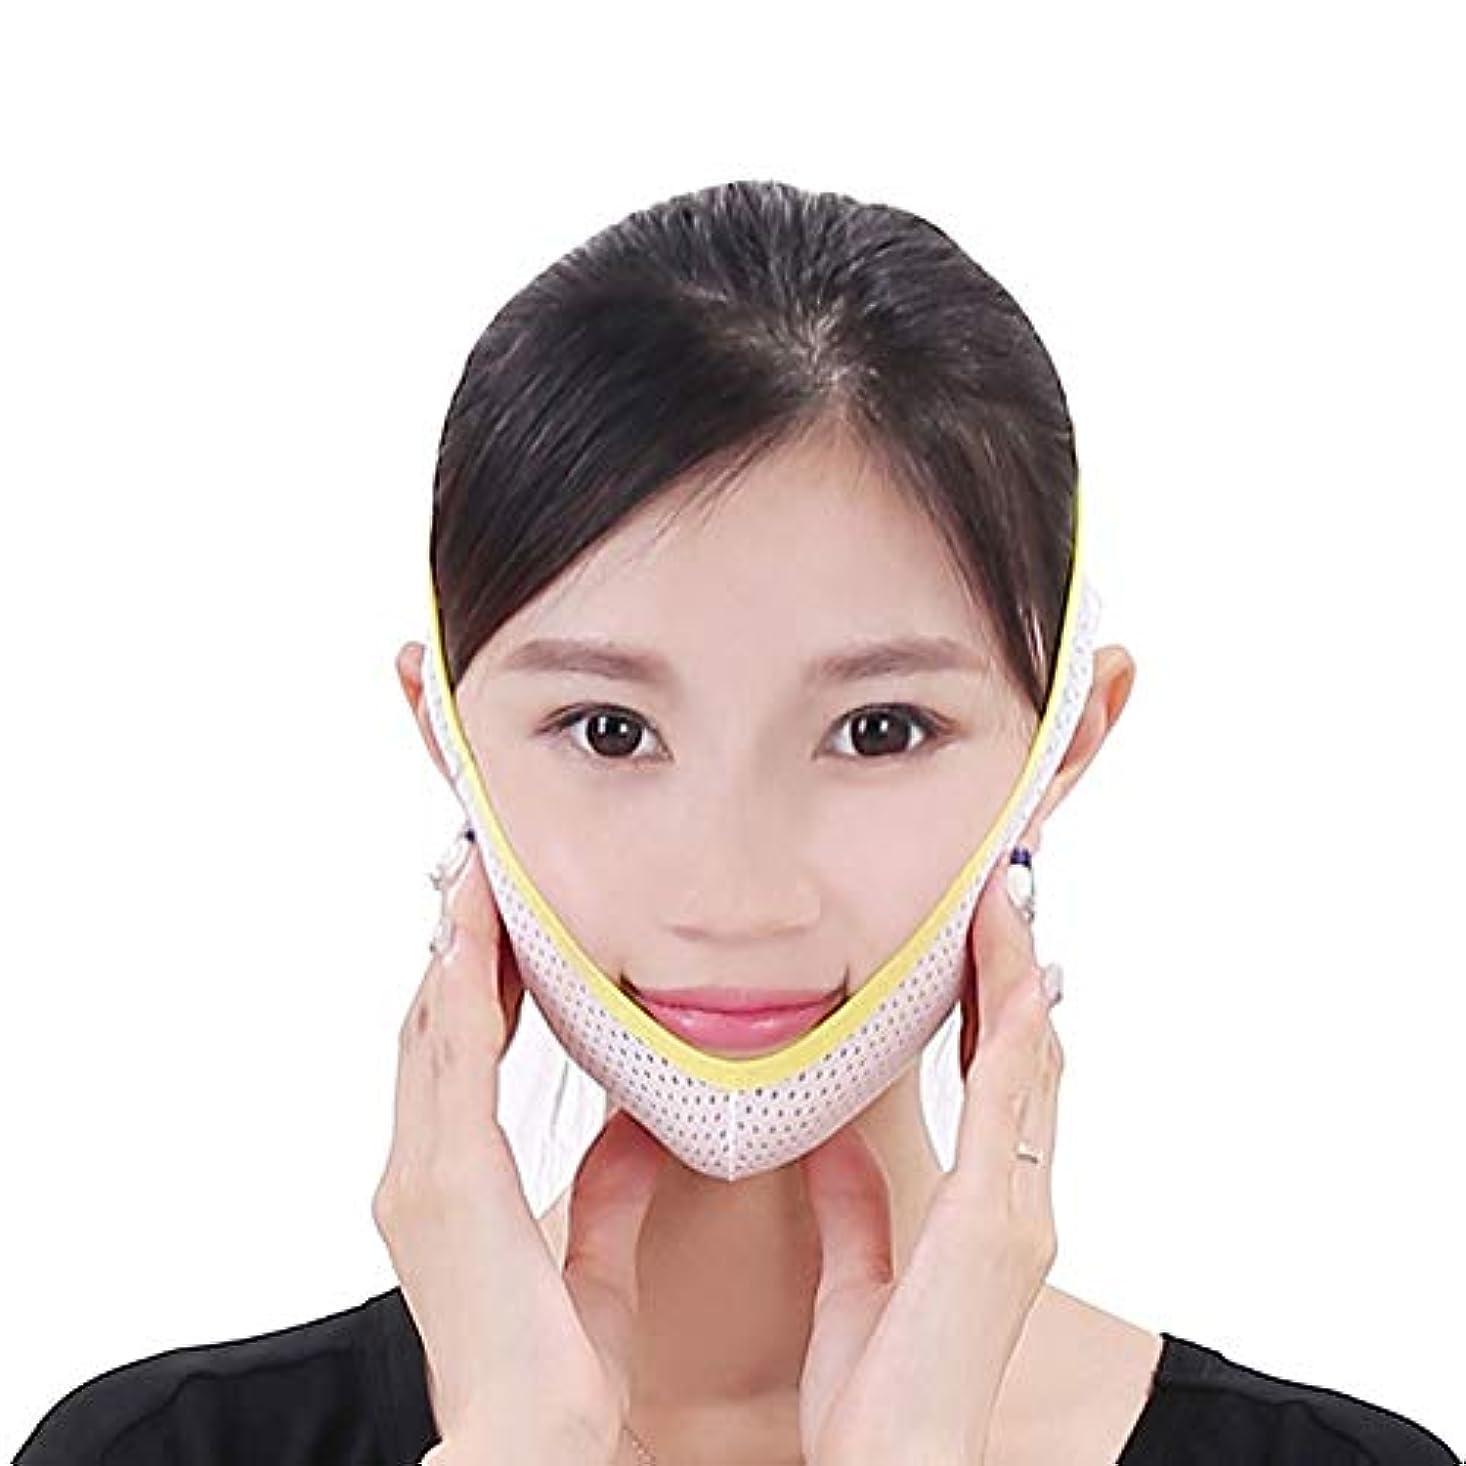 フォアマン盲目付与Jia Jia- フェイスリフティングマスクVフェイスリフティングシェーピング修正フェイスリフティング包帯ダブルチンフェイスリフトアーティファクト睡眠夏 顔面包帯